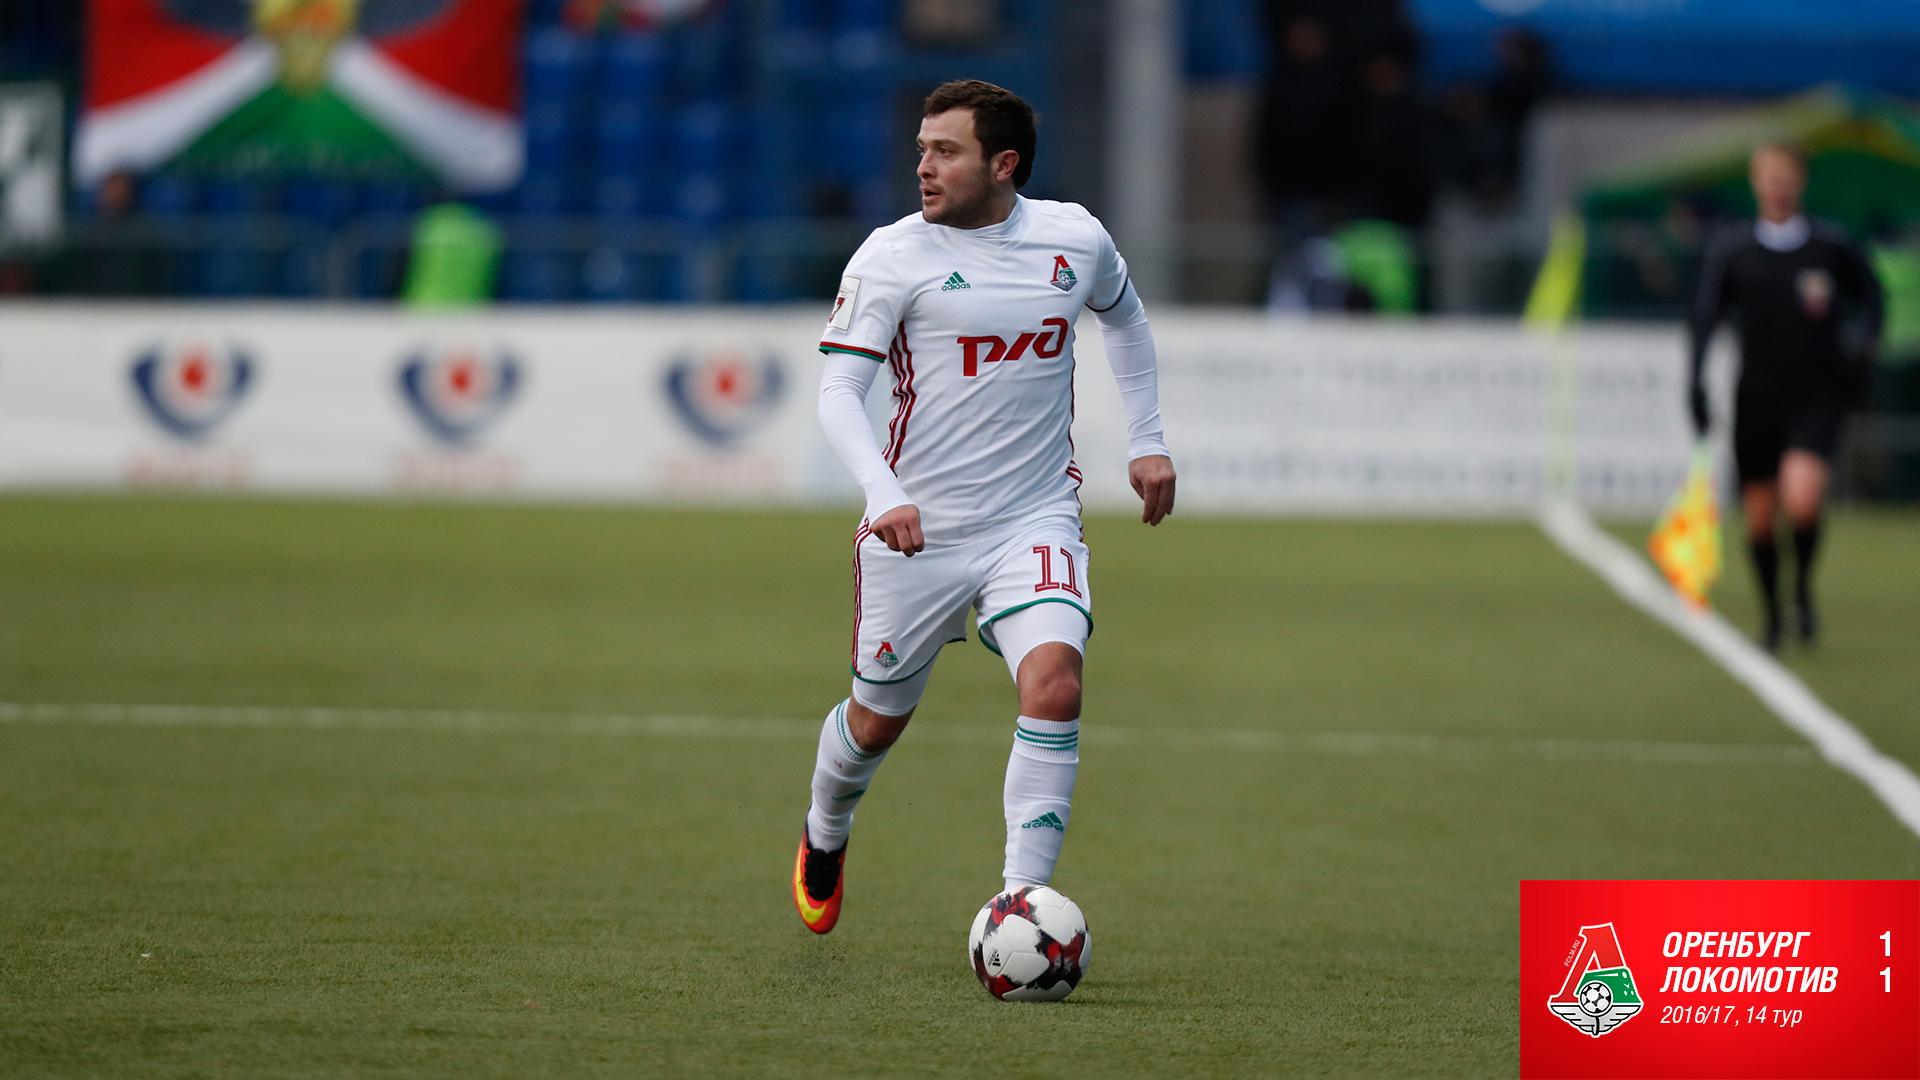 «Оренбург» - «Локомотив» - 1:1